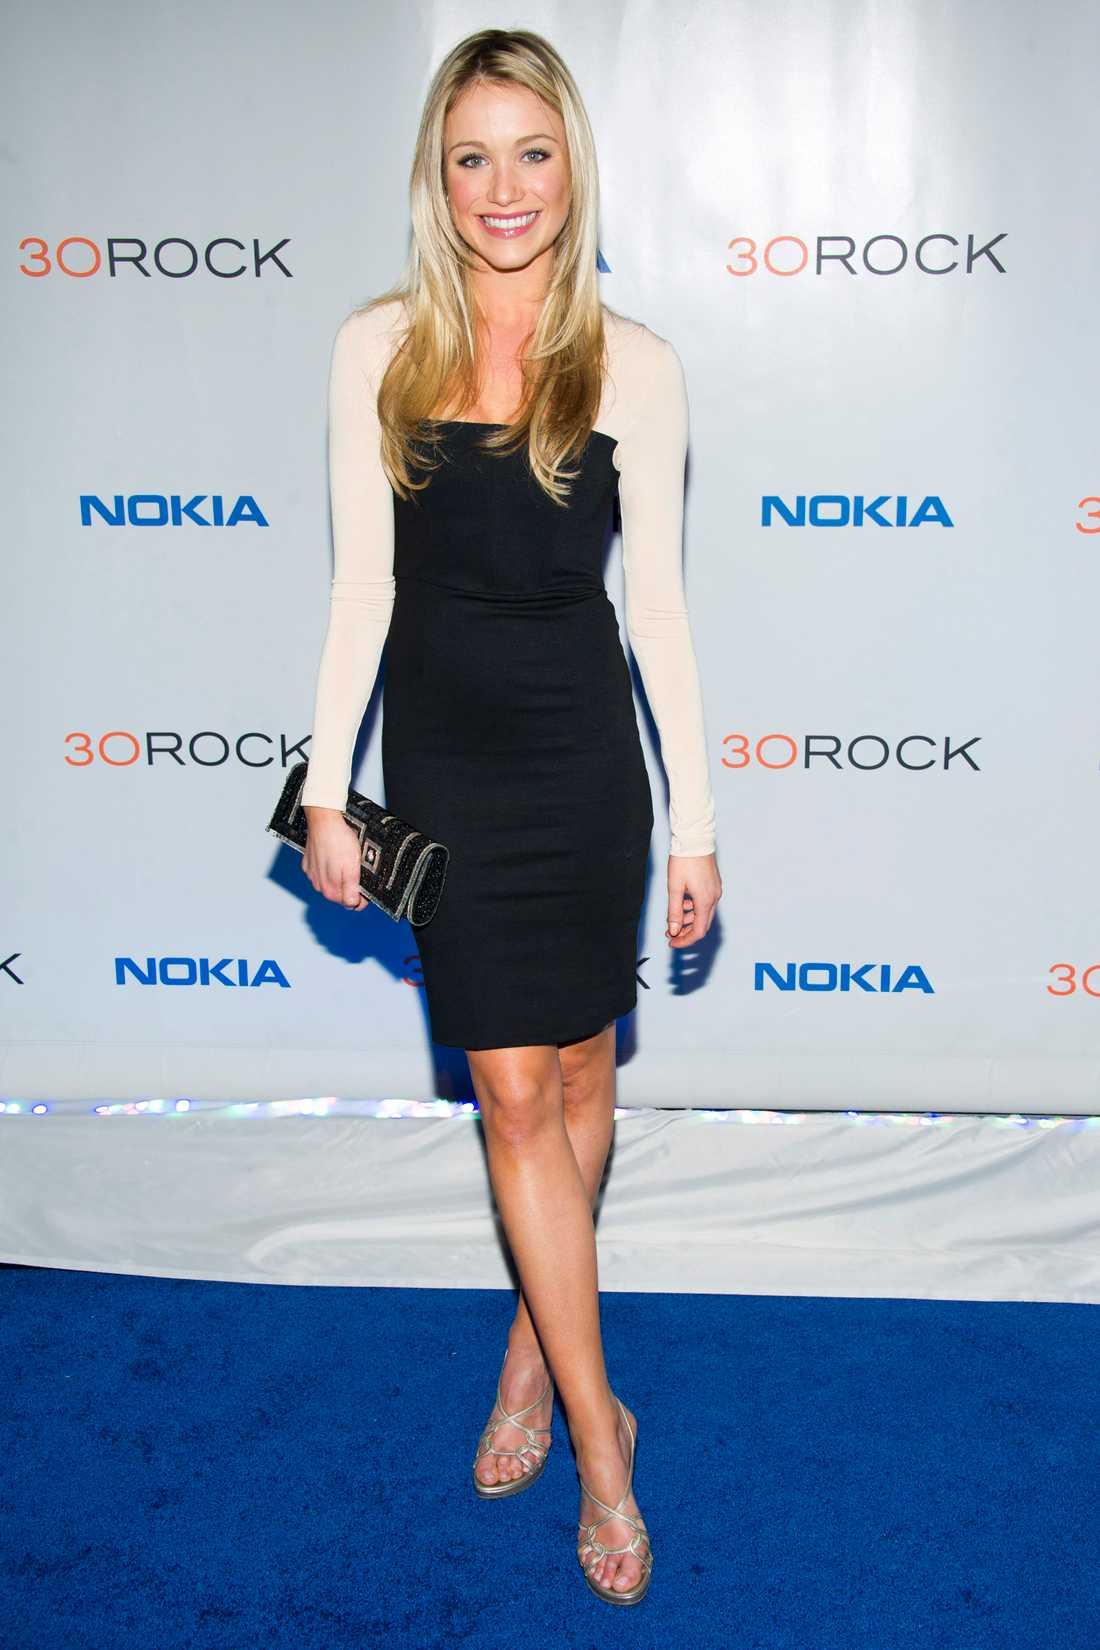 Skådisen Katrina Bowden i svartvitt fodral, glänsande klackar och glitterclutch.